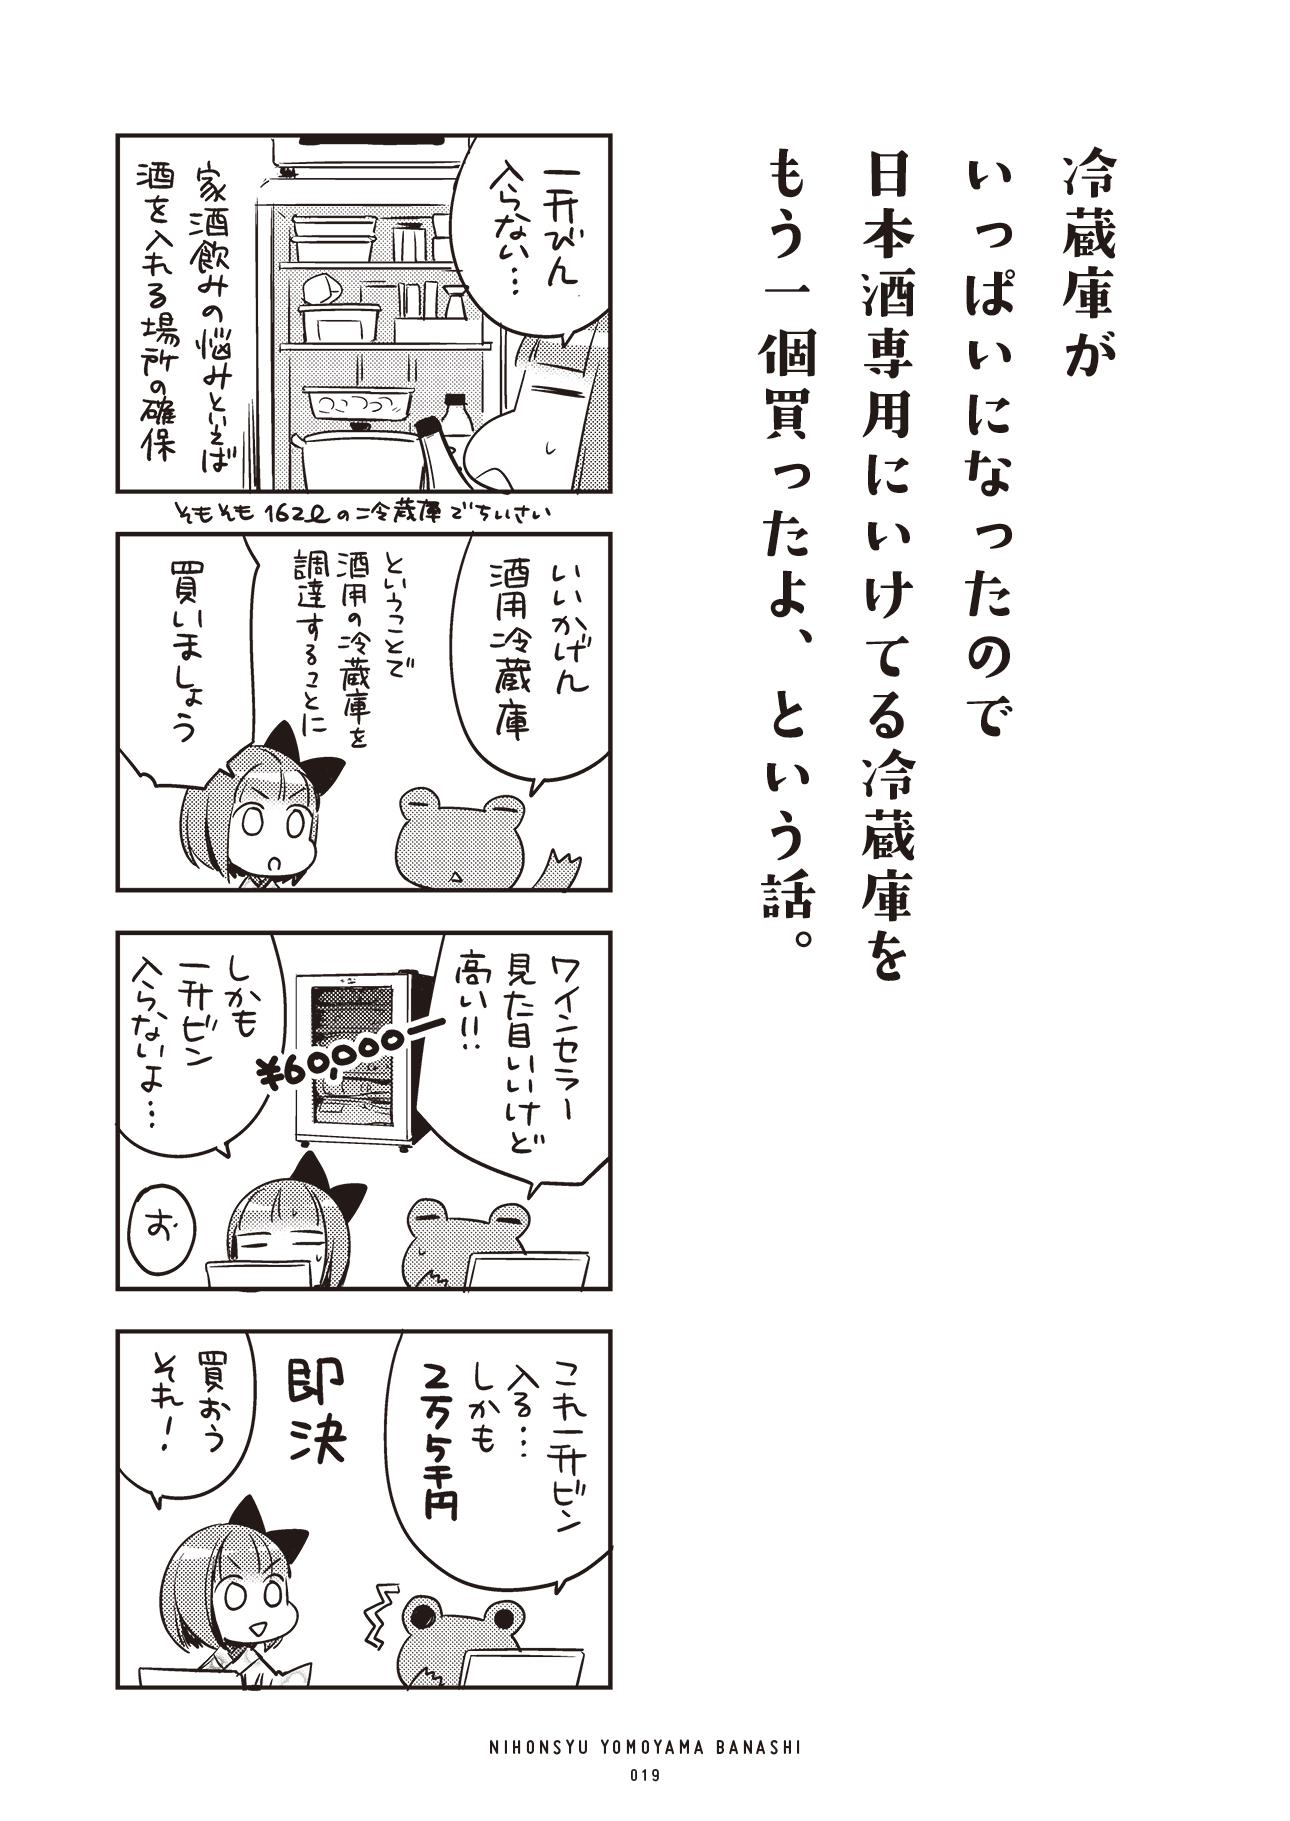 新刊「日本酒よもやまばなし まとめ1~4」を発行します_b0204714_19384833.png